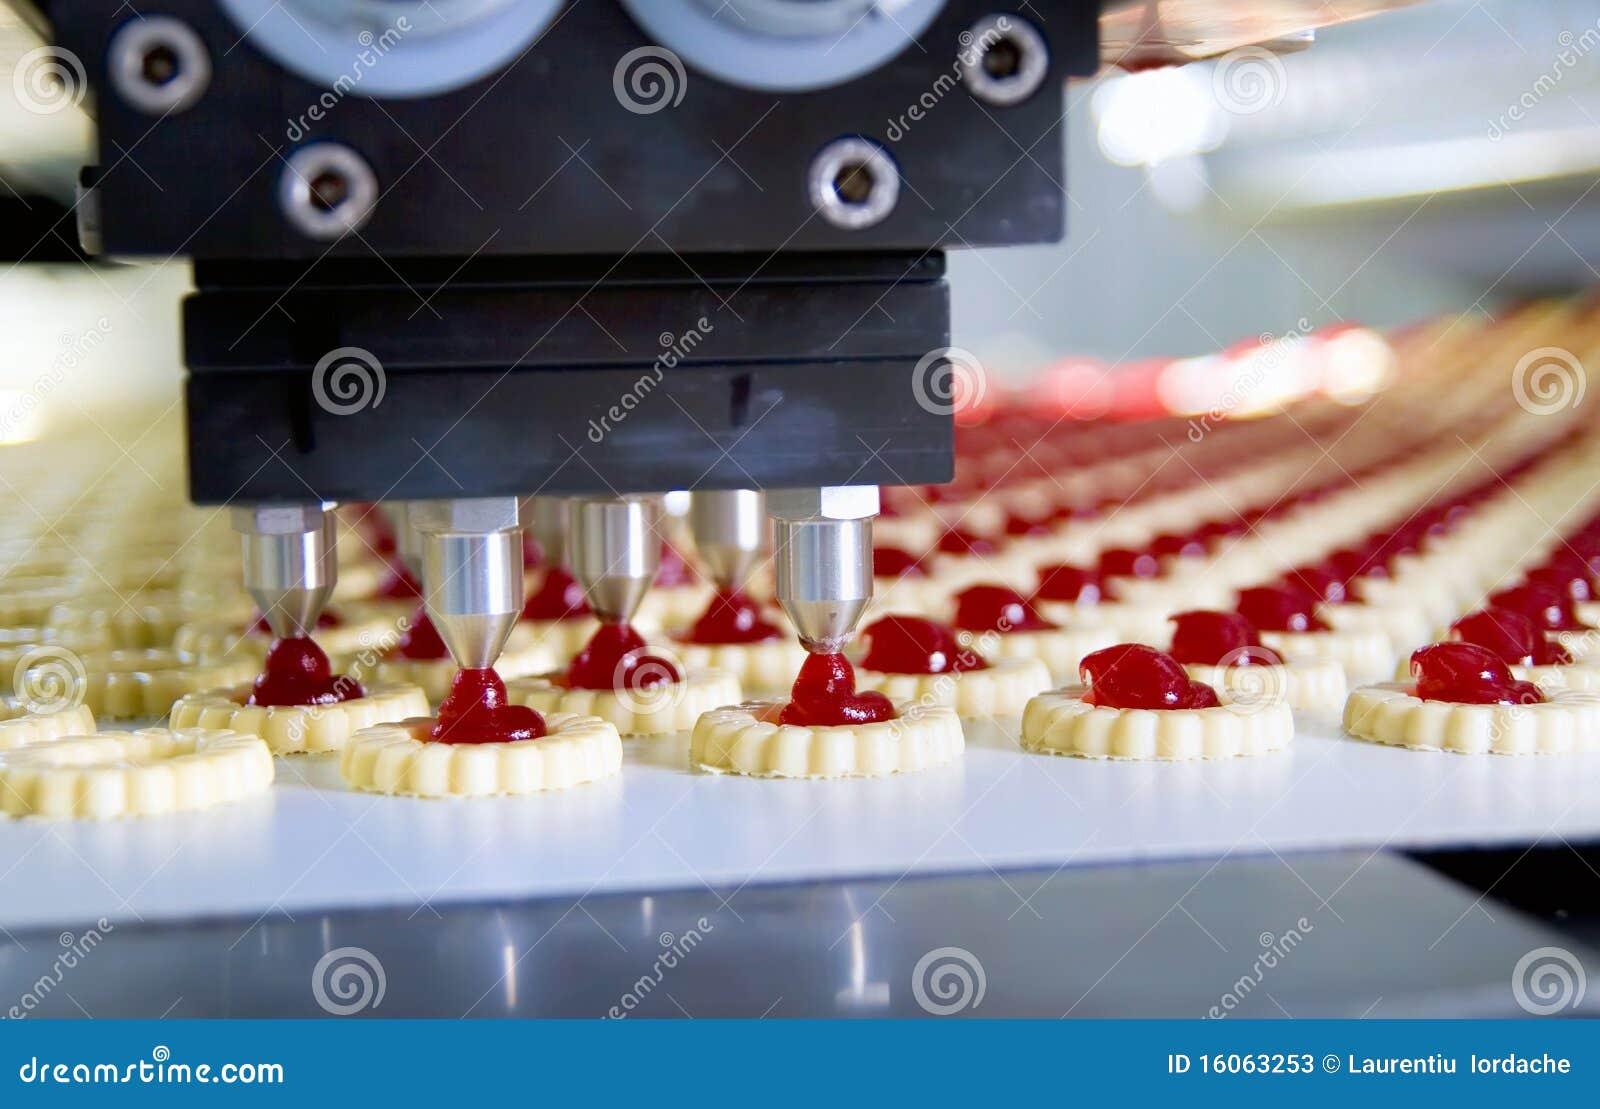 Het koekje van de productie in fabriek